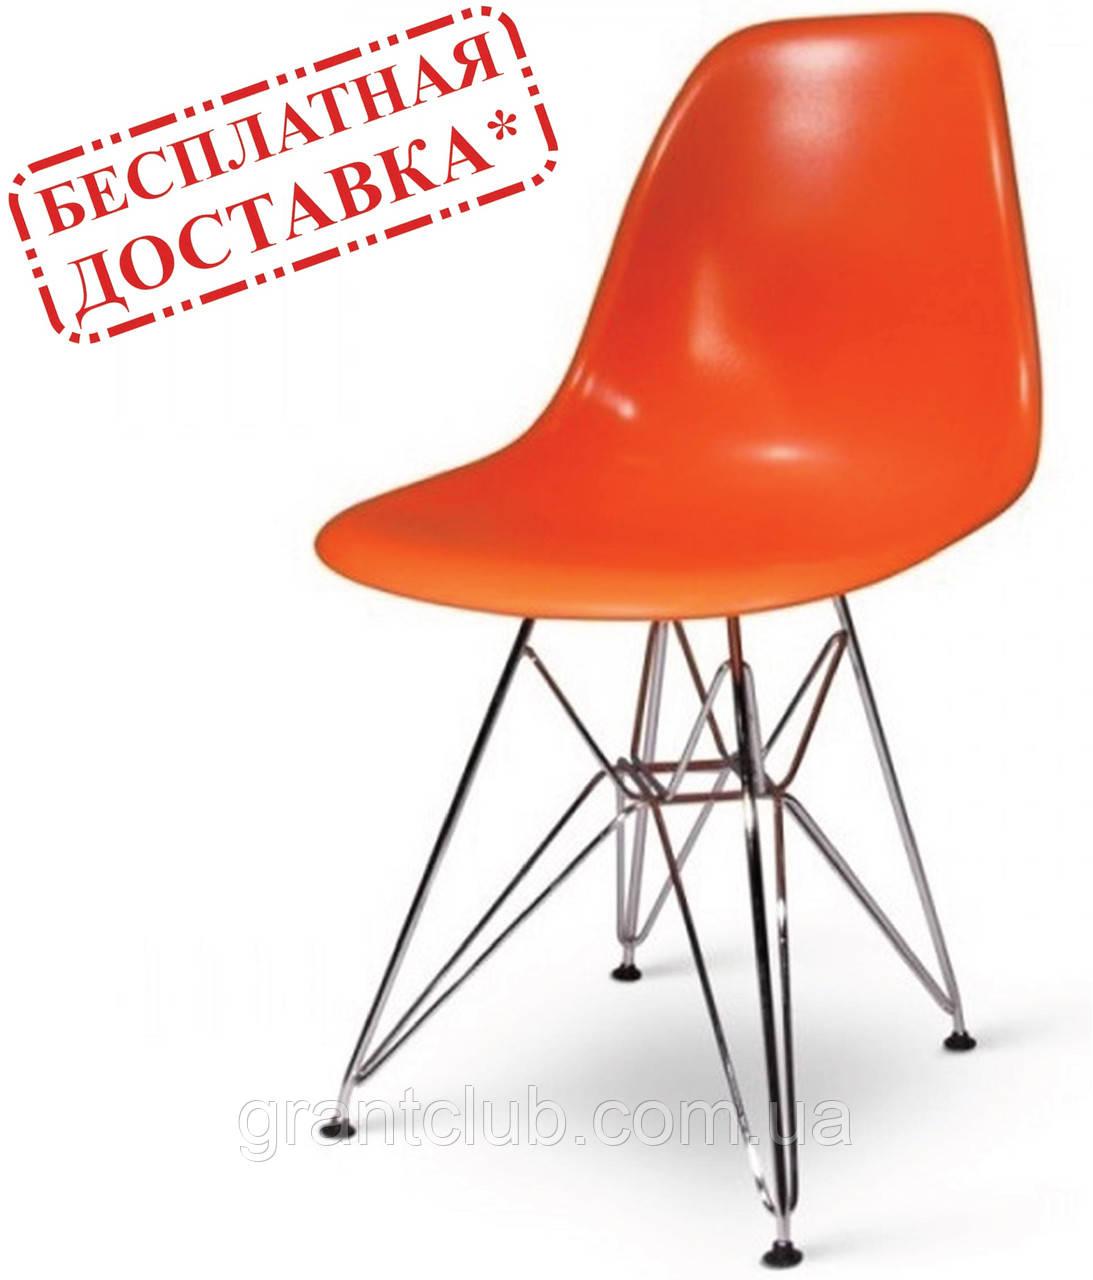 Стул Тауэр оранжевый пластик ножки хром СДМ группа (бесплатная доставка)